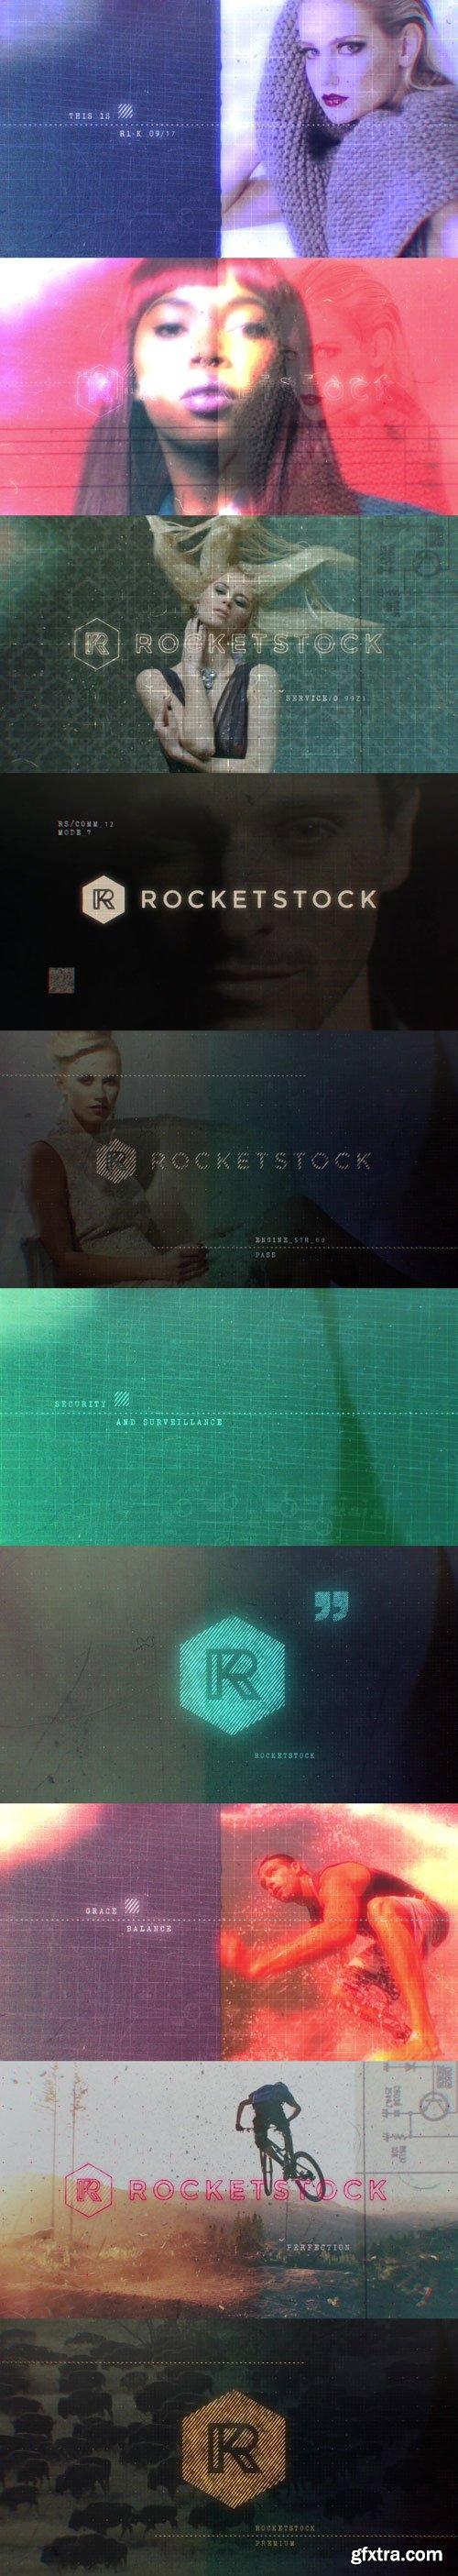 RocketStock - RS2082 - Focus